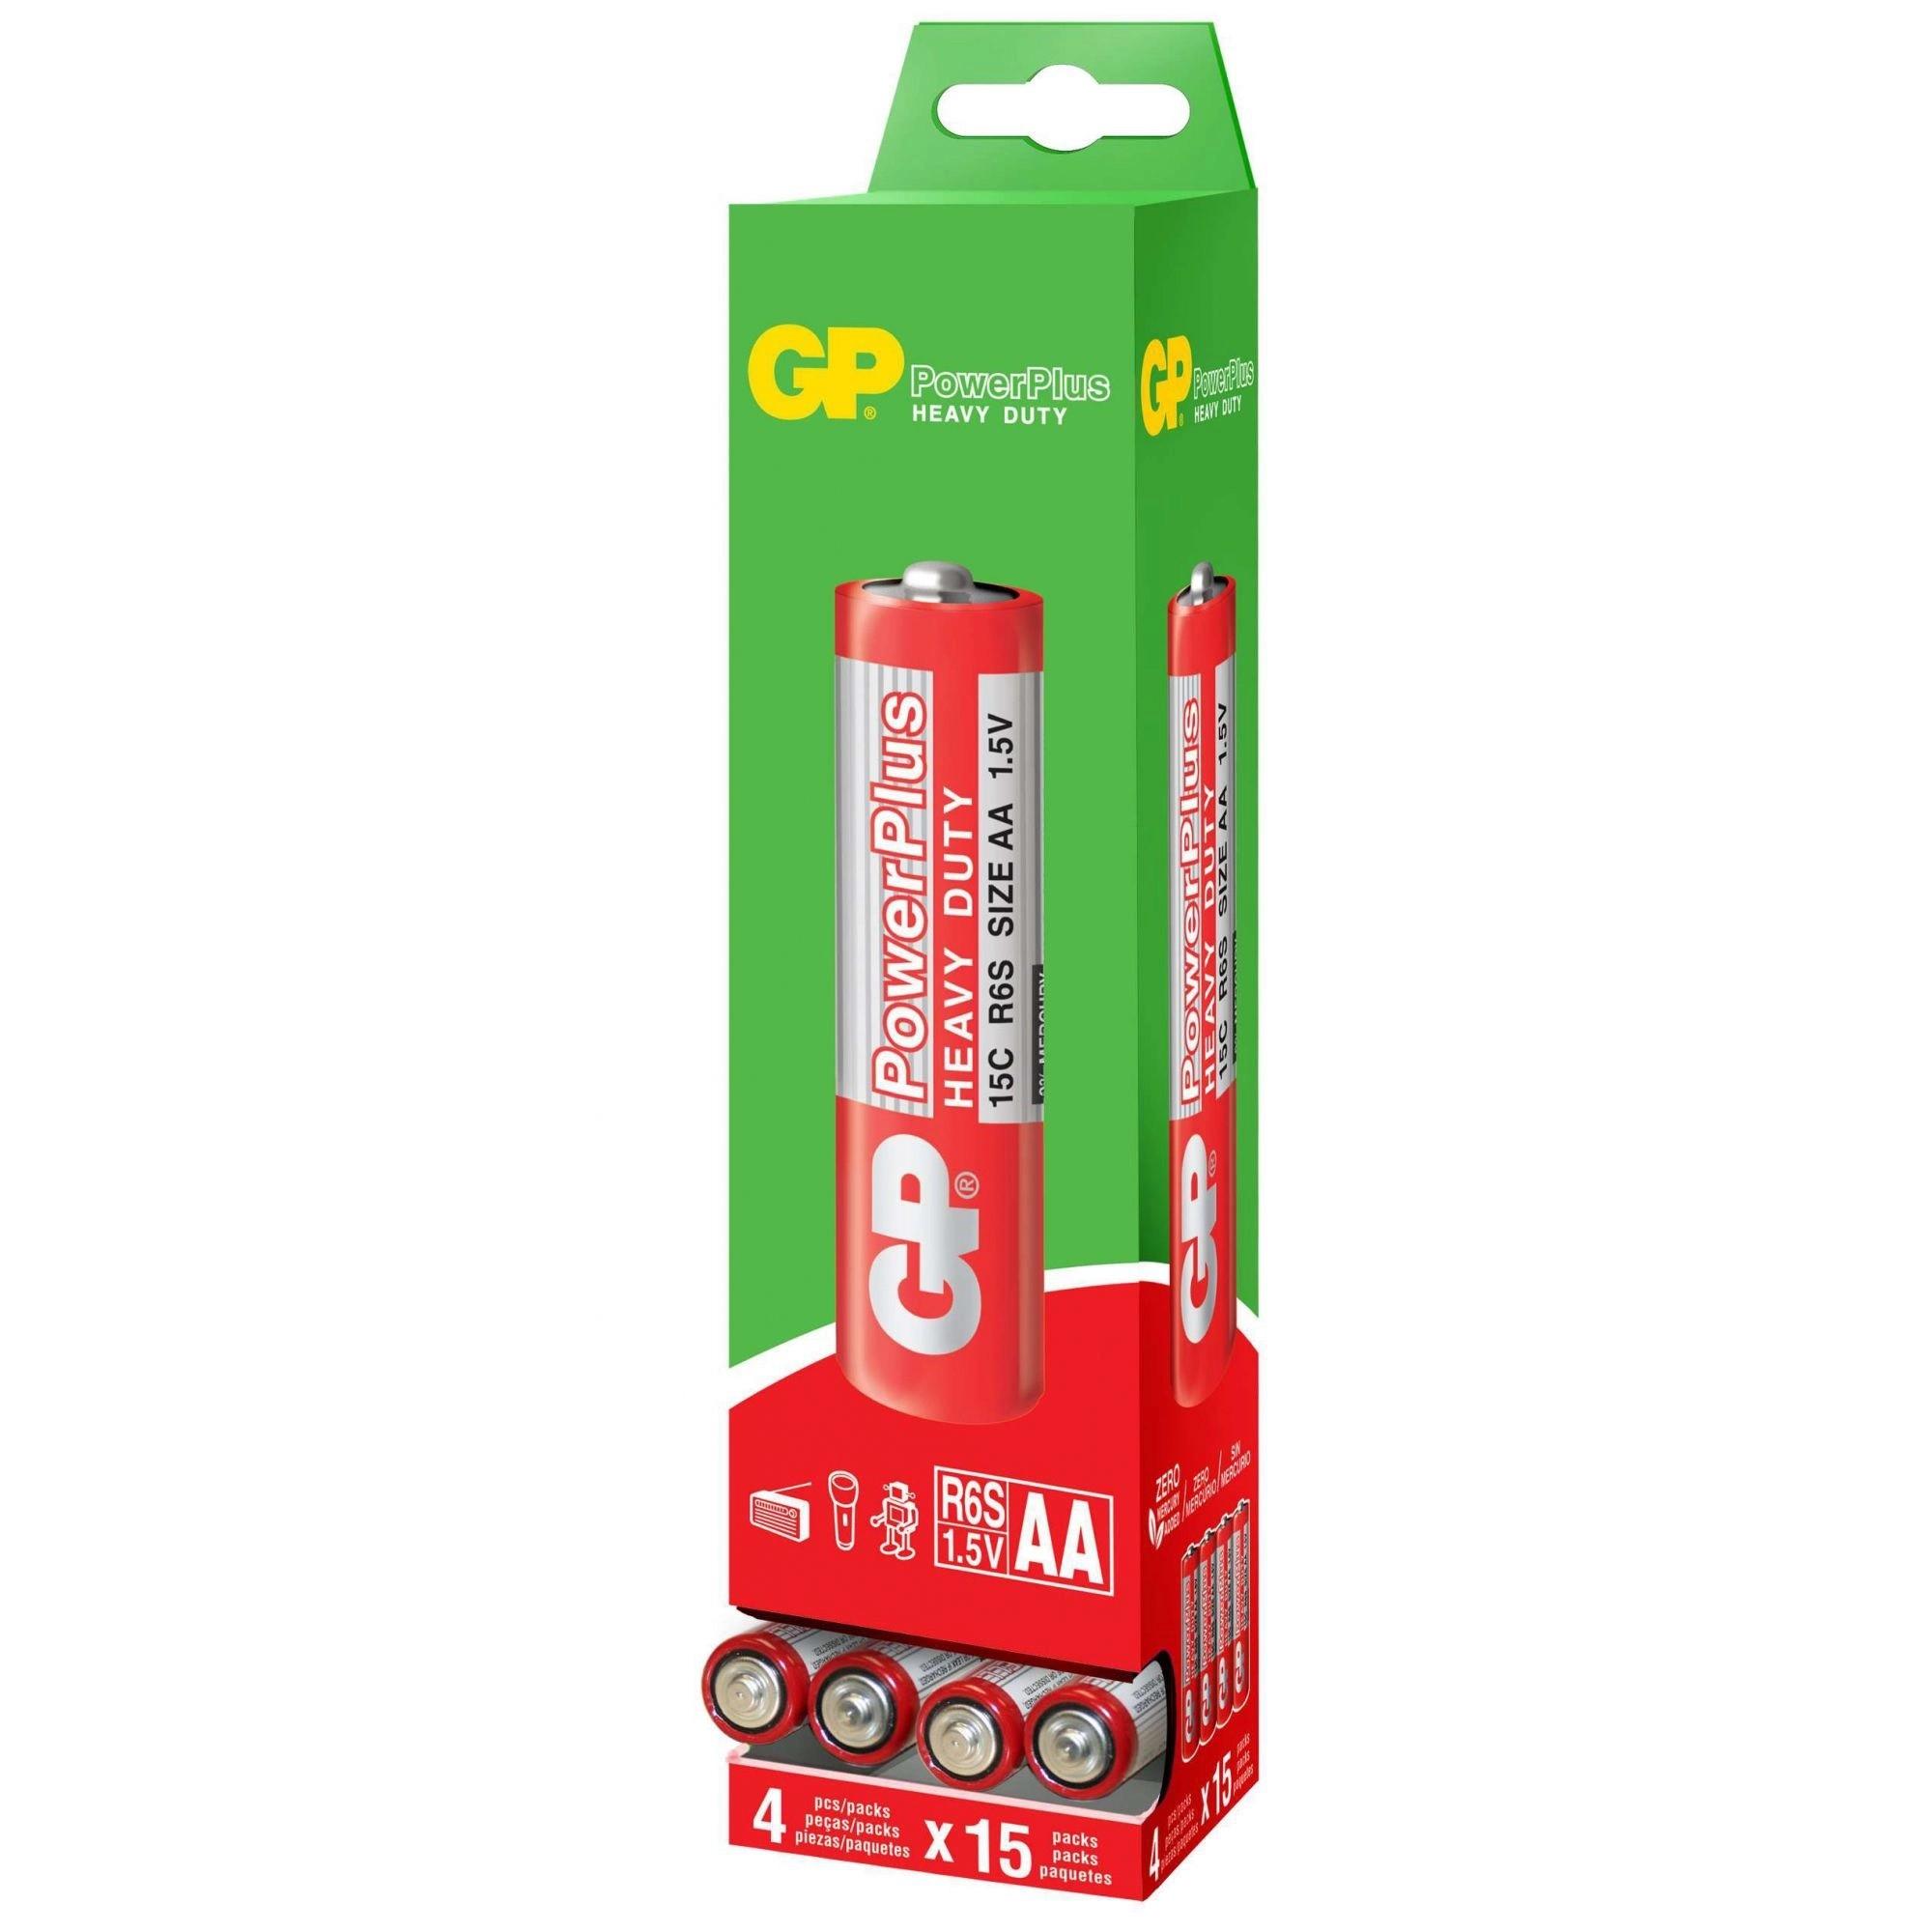 60 Pilhas AA Comum PowerPlus GP Zinco Carvão 1 caixa